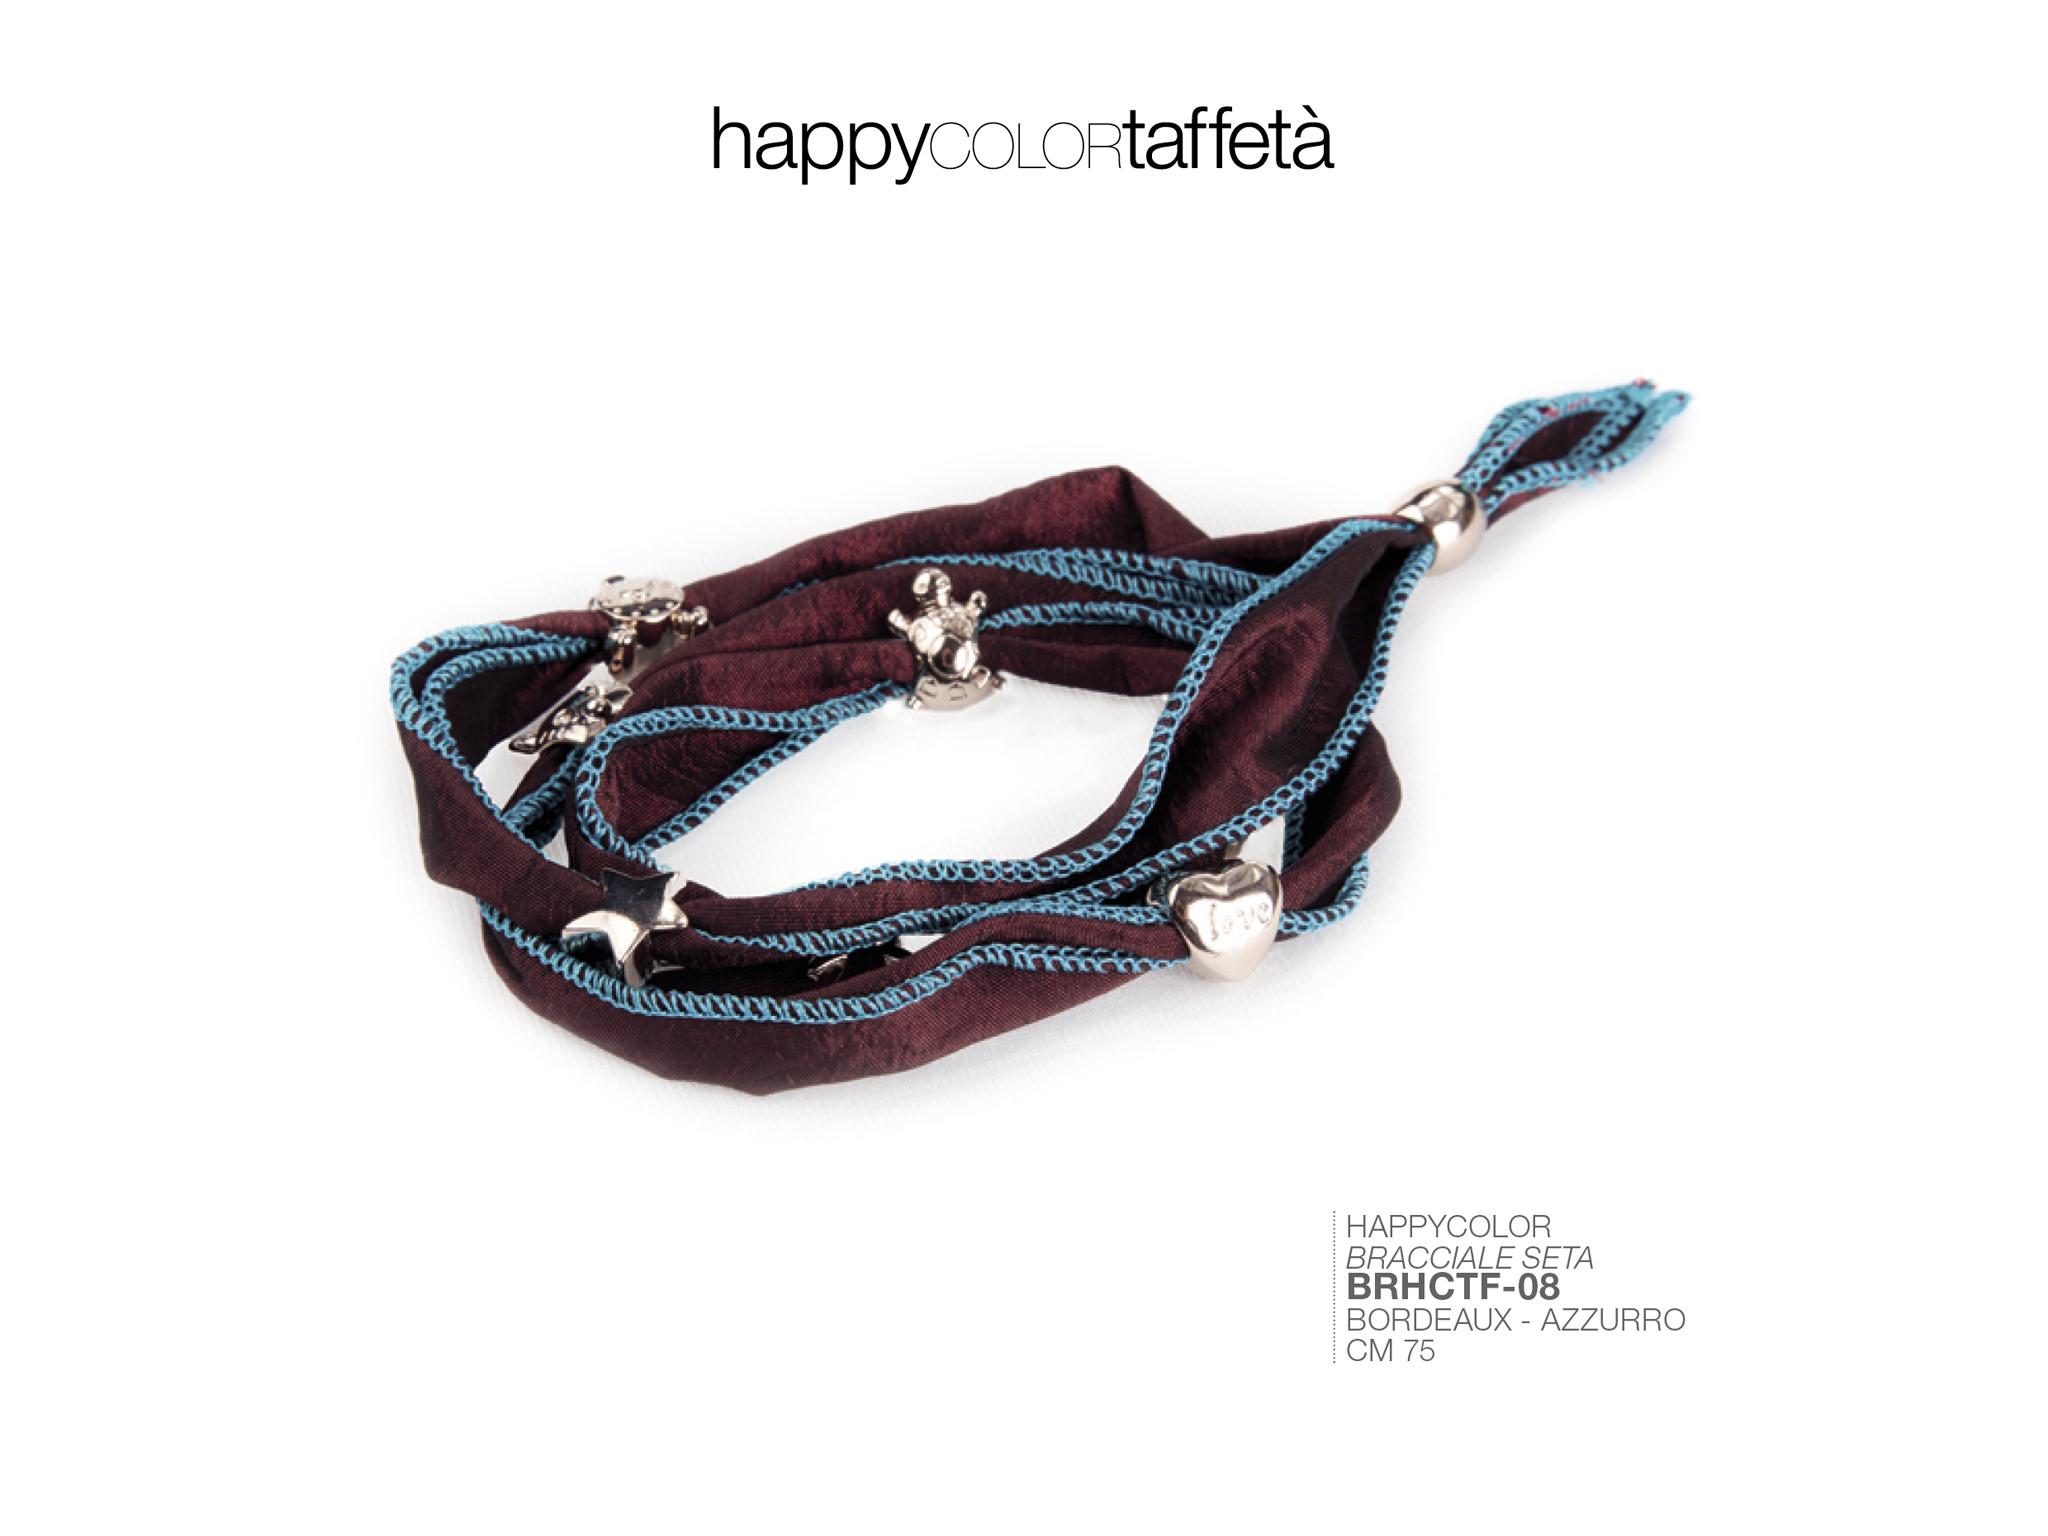 happycolor_taffeta_pagina_9_app